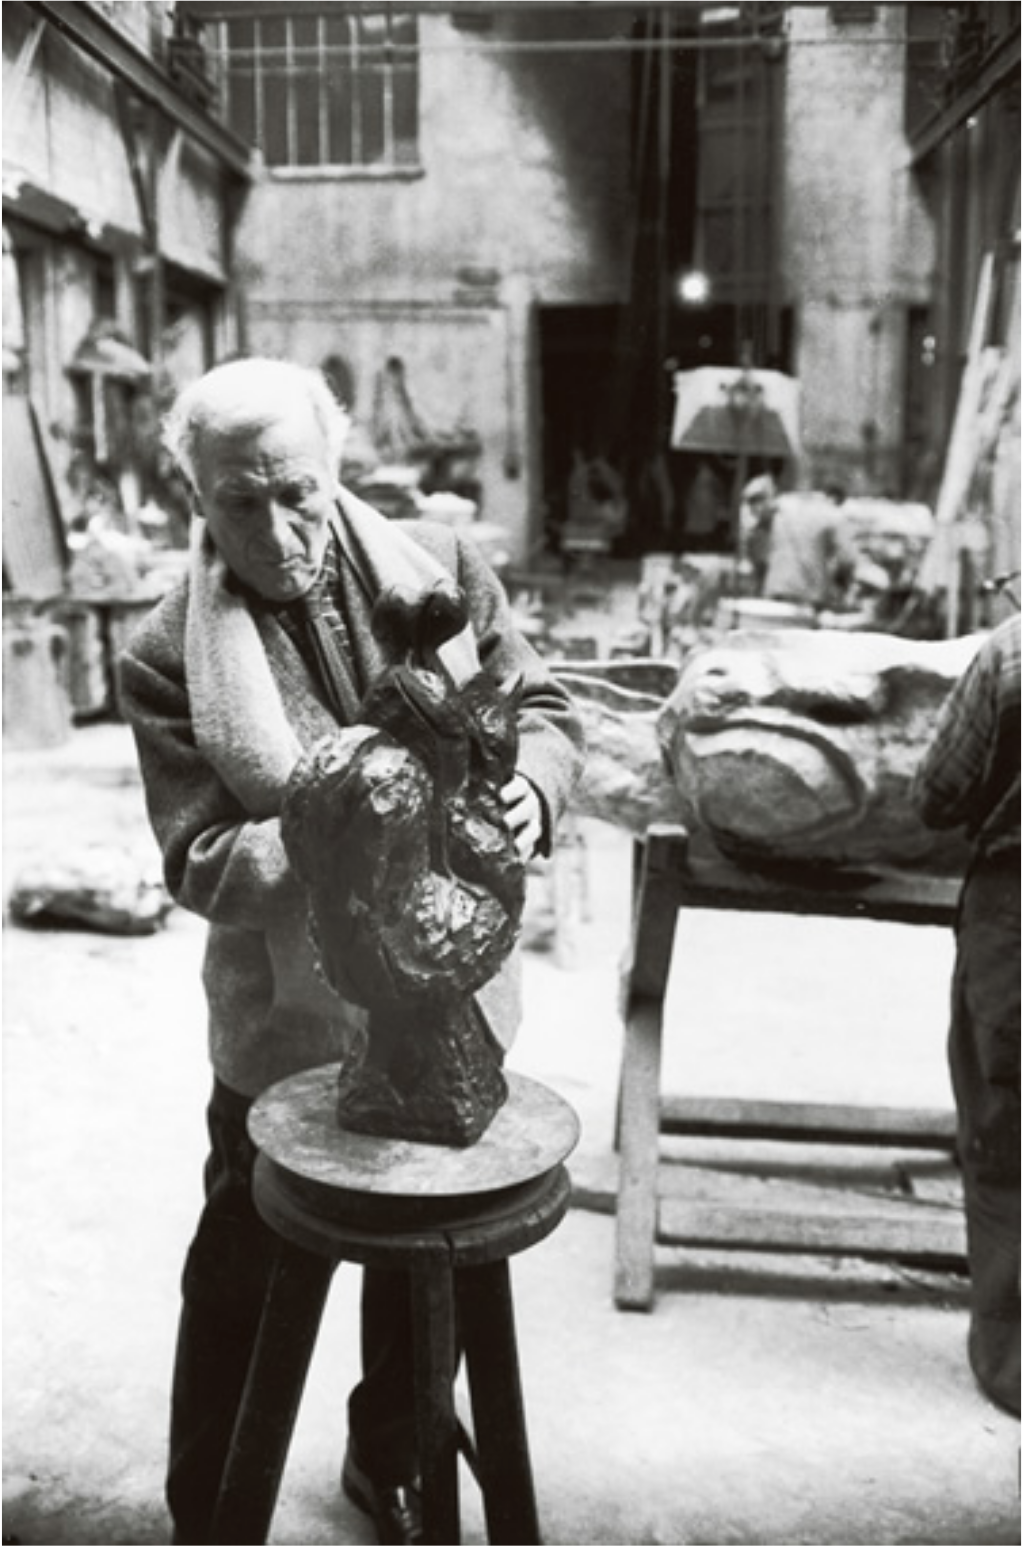 珍しい立体作品を楽しめる「シャガール展  三次元の世界」名古屋市美術館で開催中 - dfb100db50af6da487b91af5f6866ebd